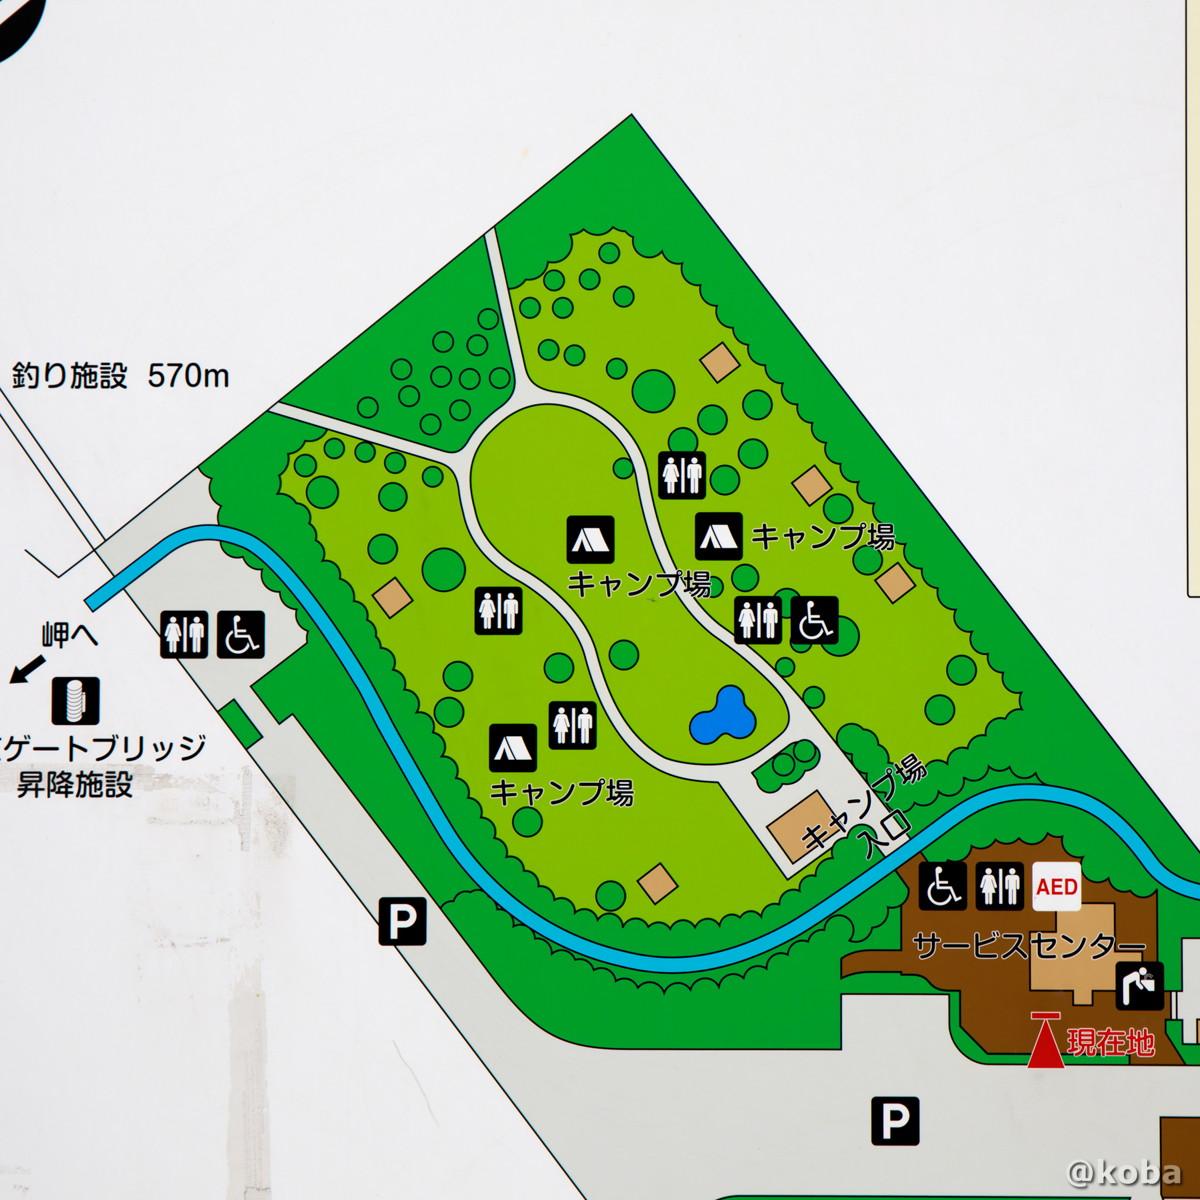 キャンプ場 案内図│若洲公園│江東区│こばフォトブログ@koba